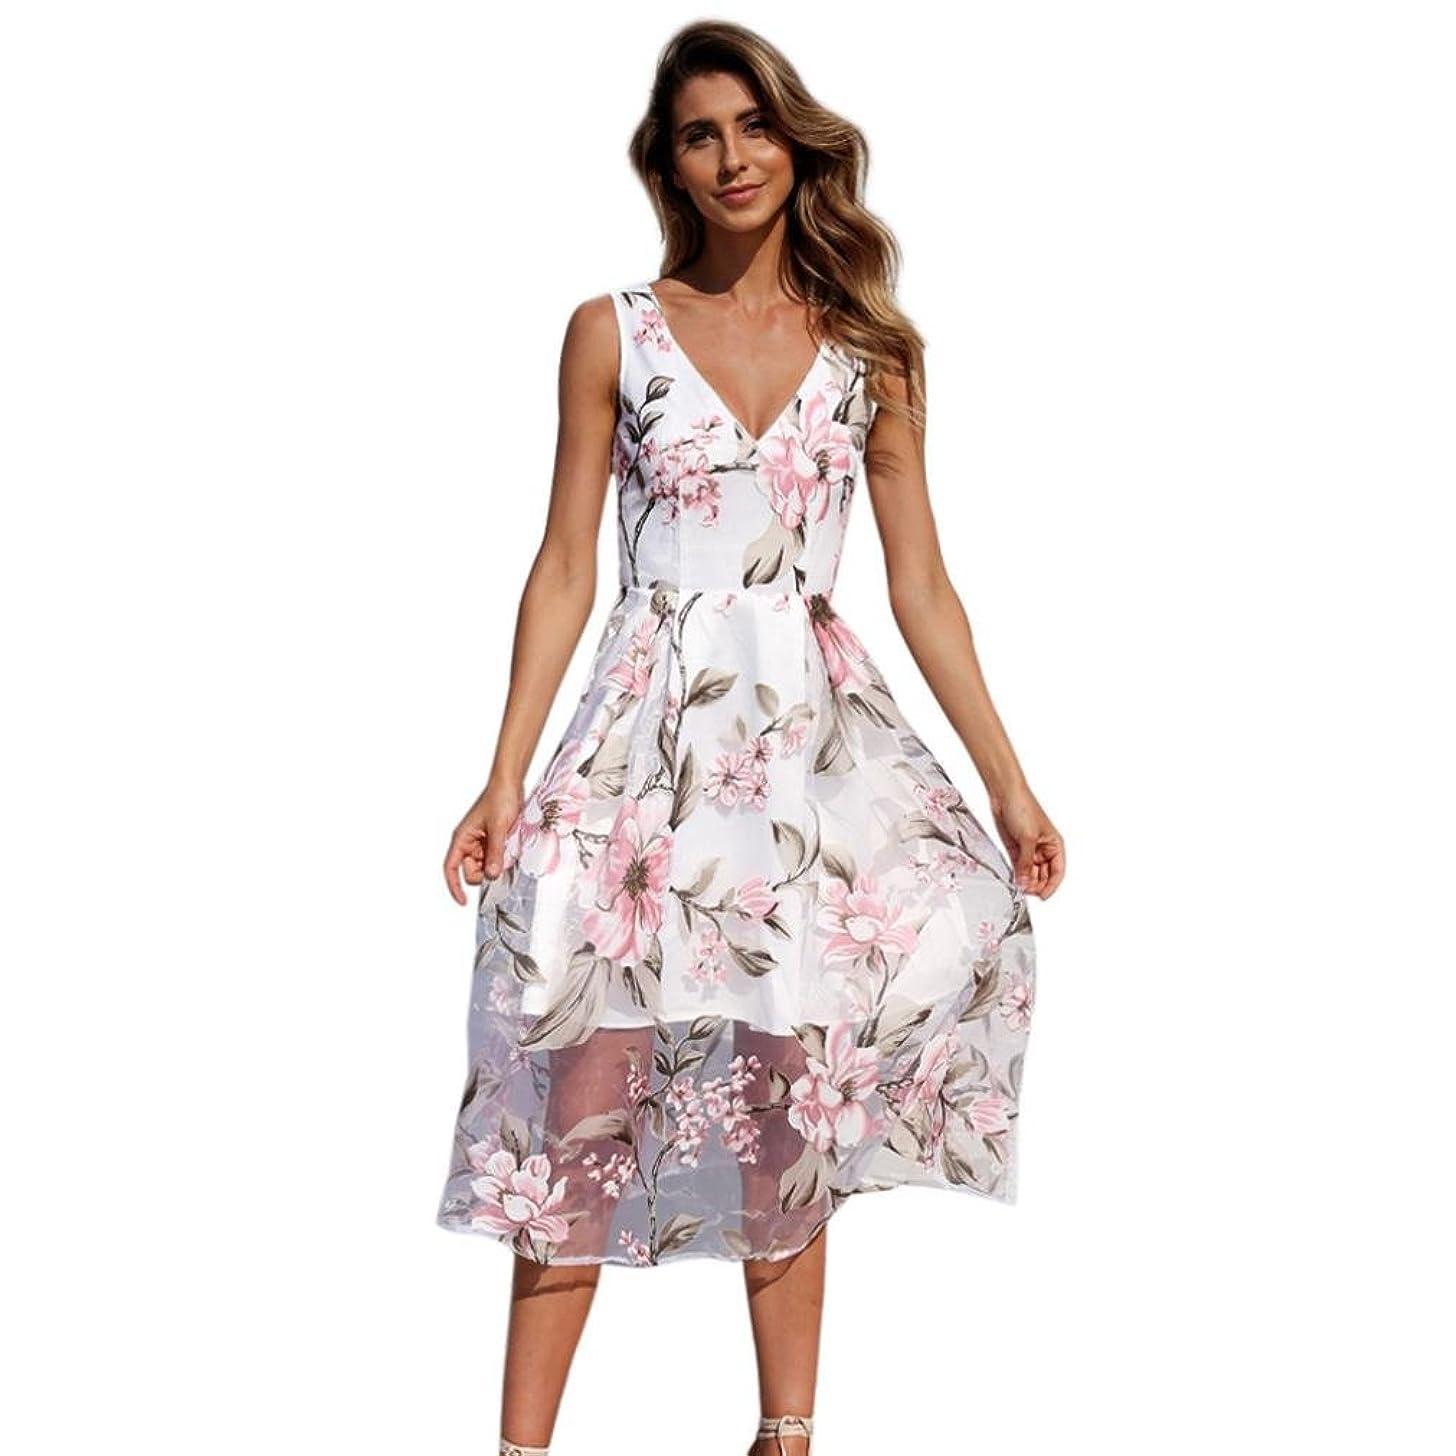 OOEOO Women Sleeveless Dress Summer V-Neck Floral Printed Long Maxi Dress